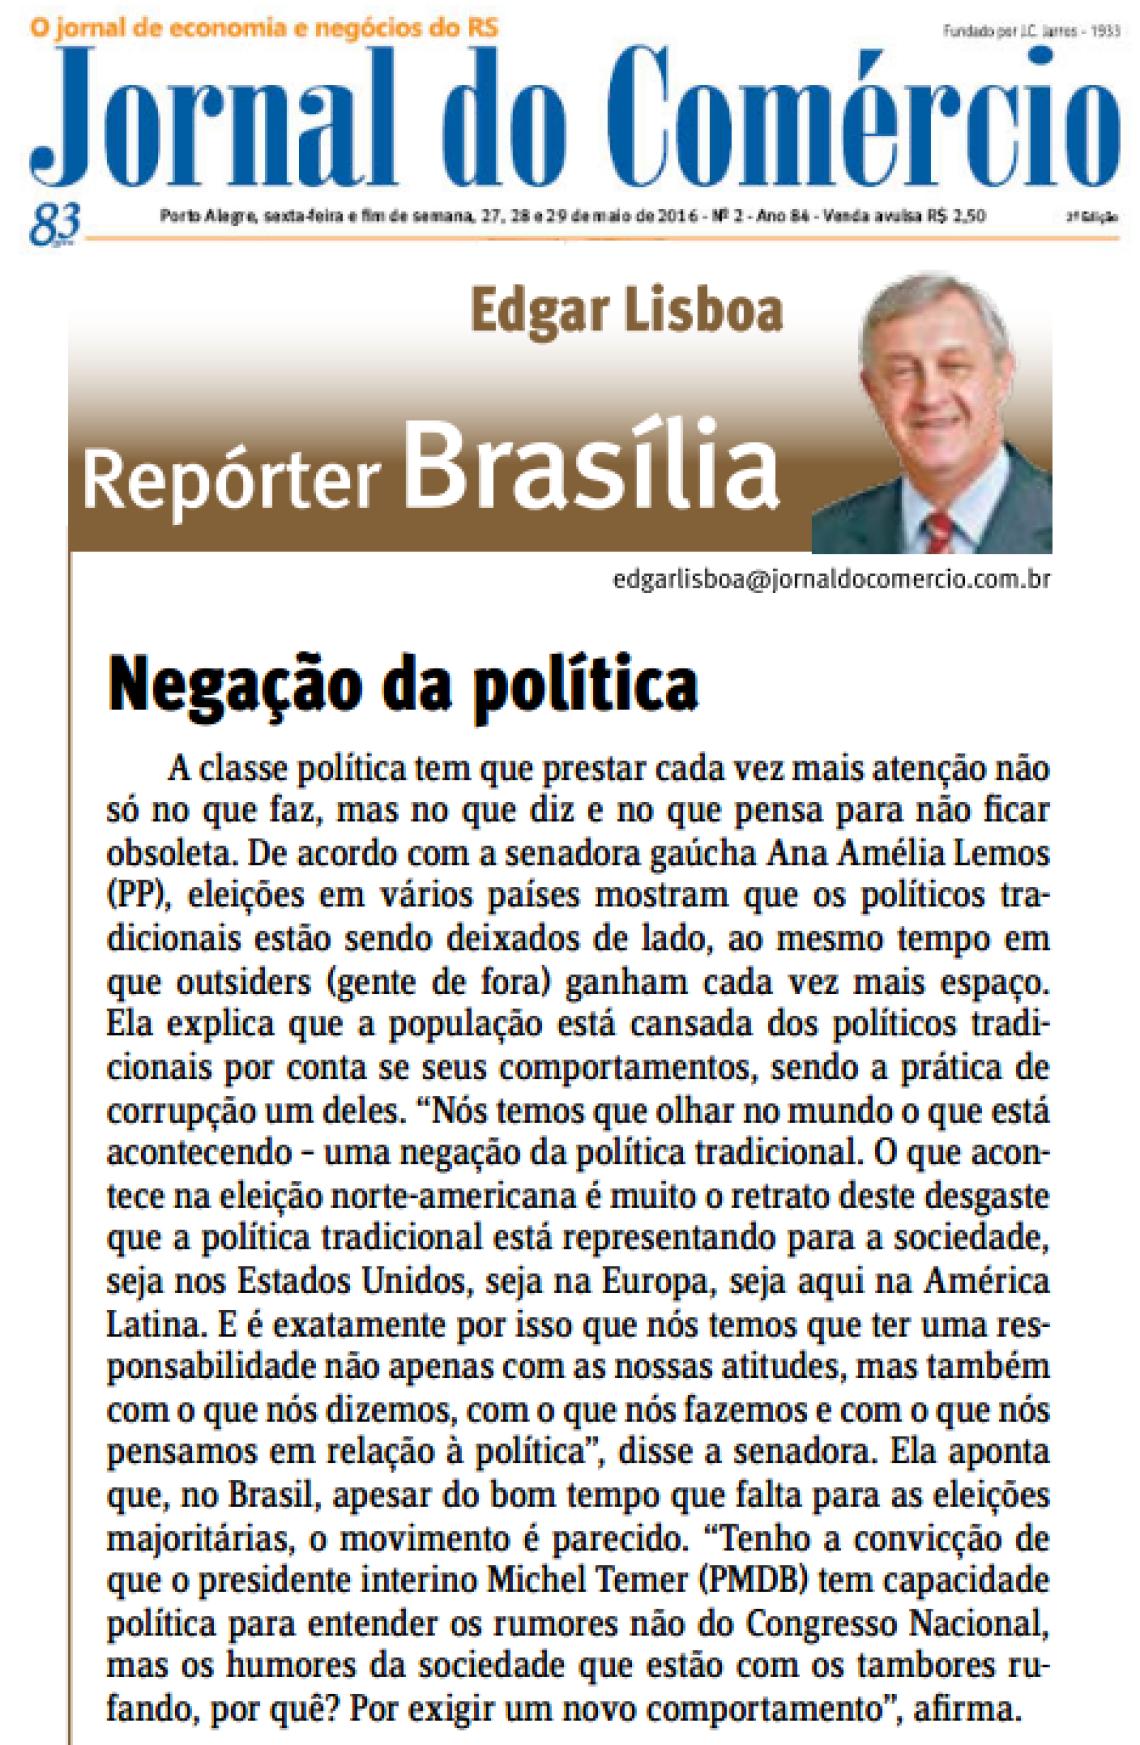 Jornal do Comércio: Edgar Lisboa - Negação da política